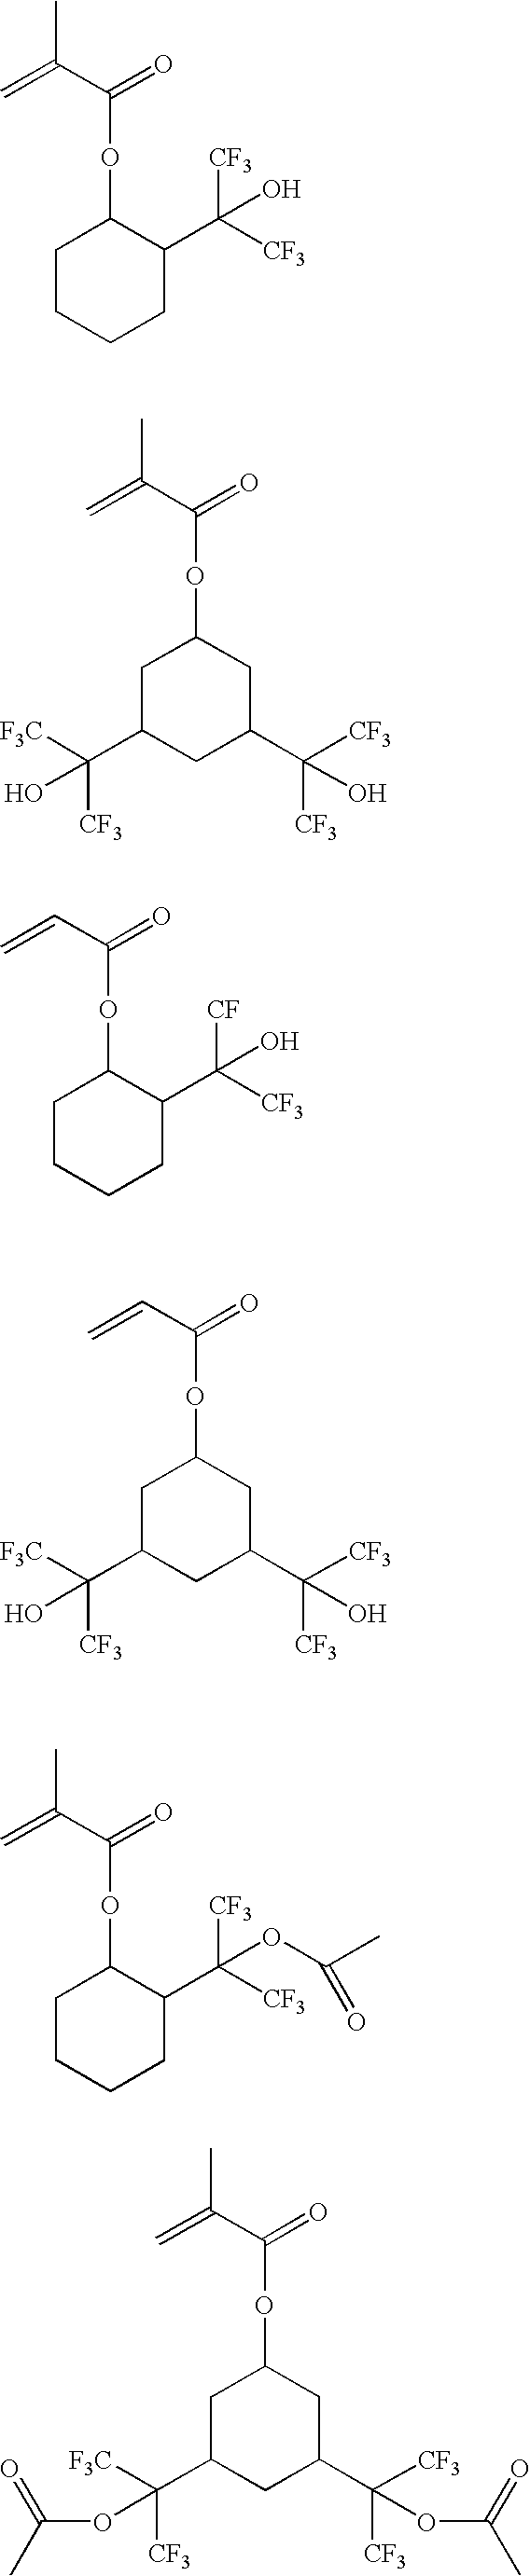 Figure US07368218-20080506-C00003